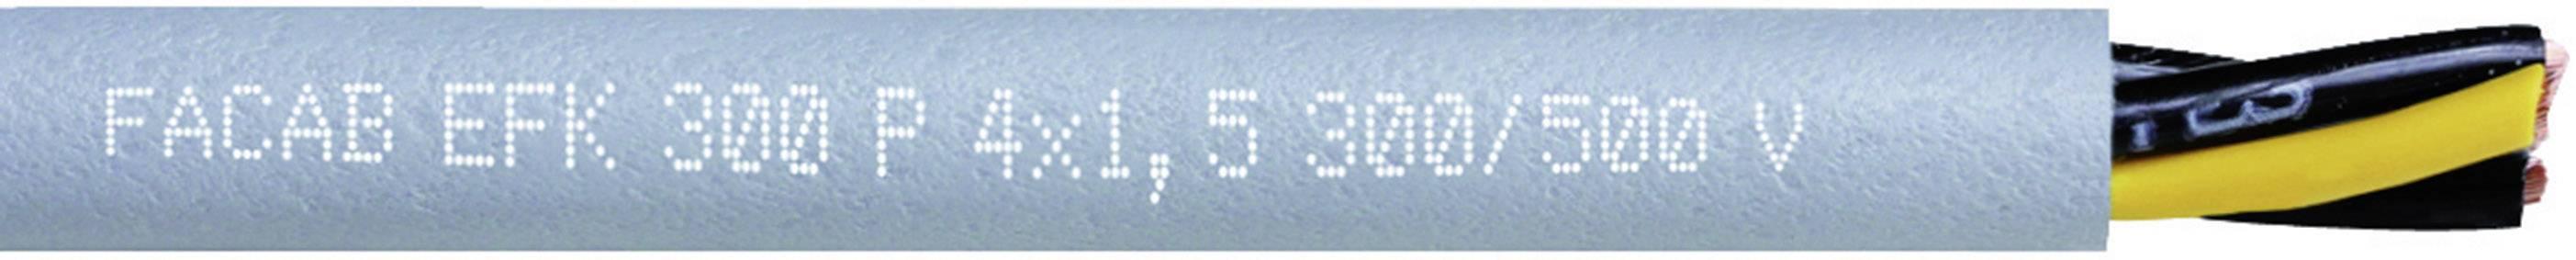 Tažný kabel Faber Kabel EFK 300 P AD300 - SCHLEPPLTG. TPE/PUR (031009), 3x 1 mm², polyurethan, Ø 6,1 mm, nestí